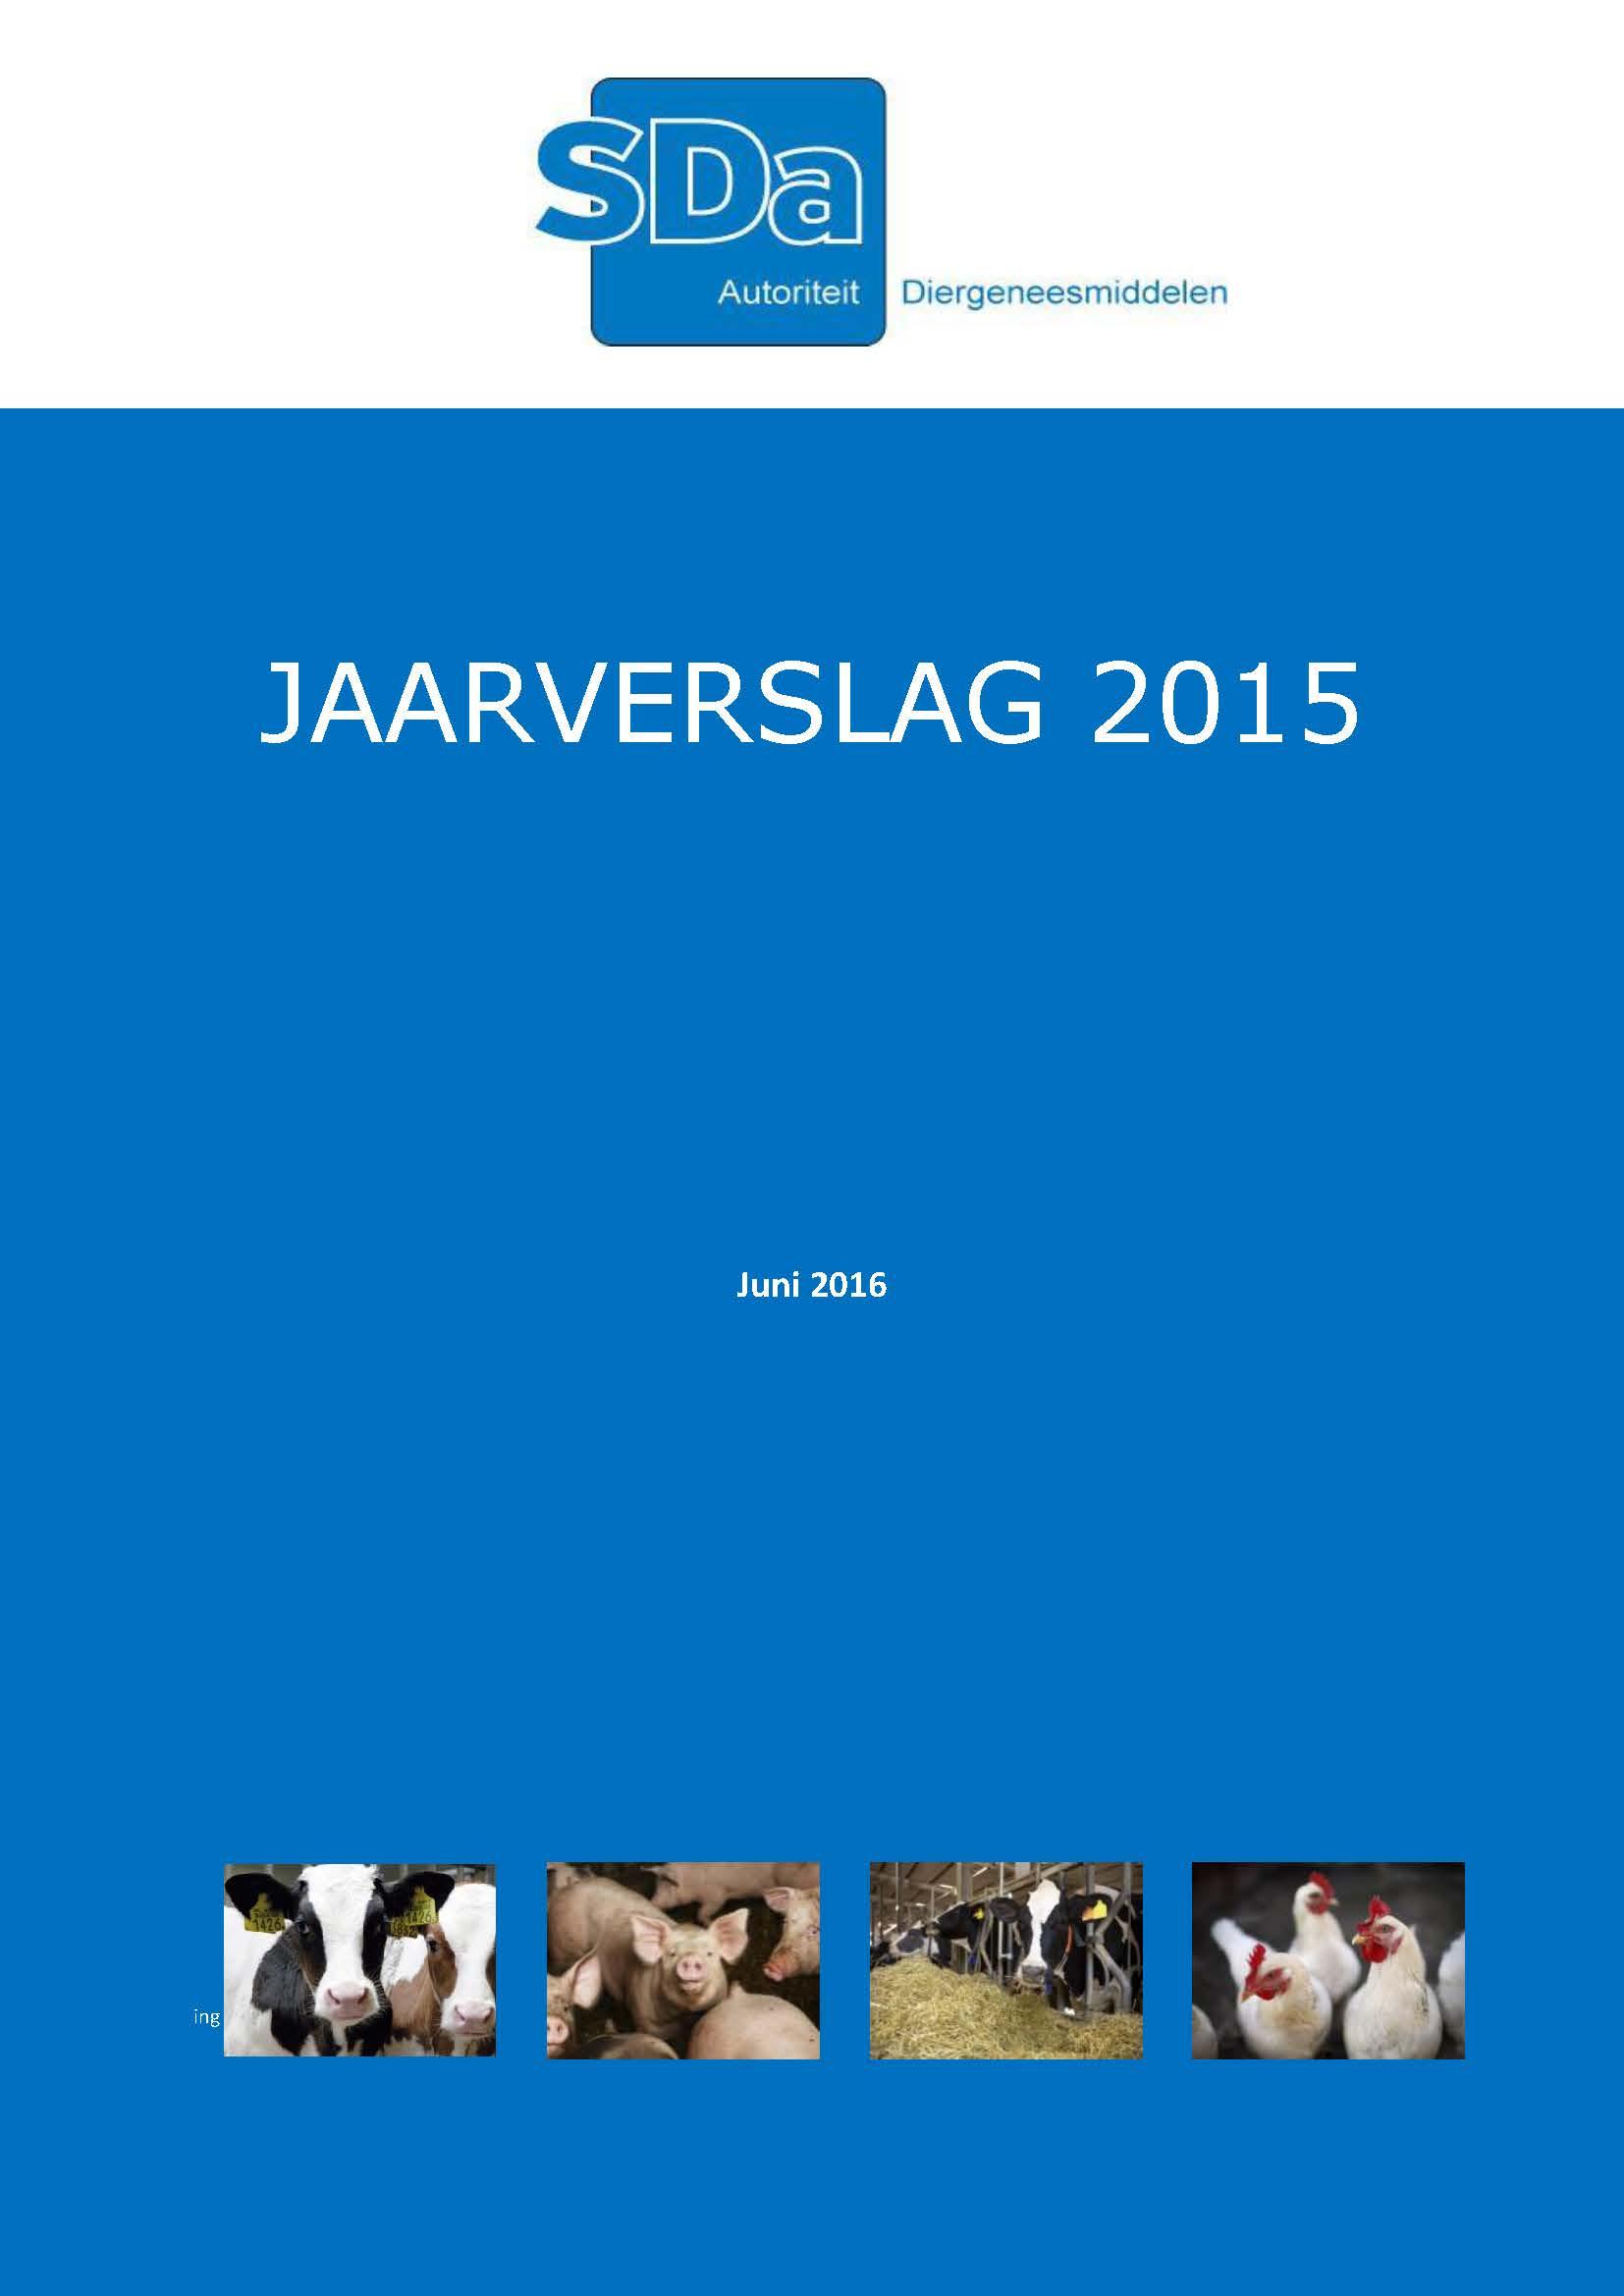 SDa-Jaarverslag 2015